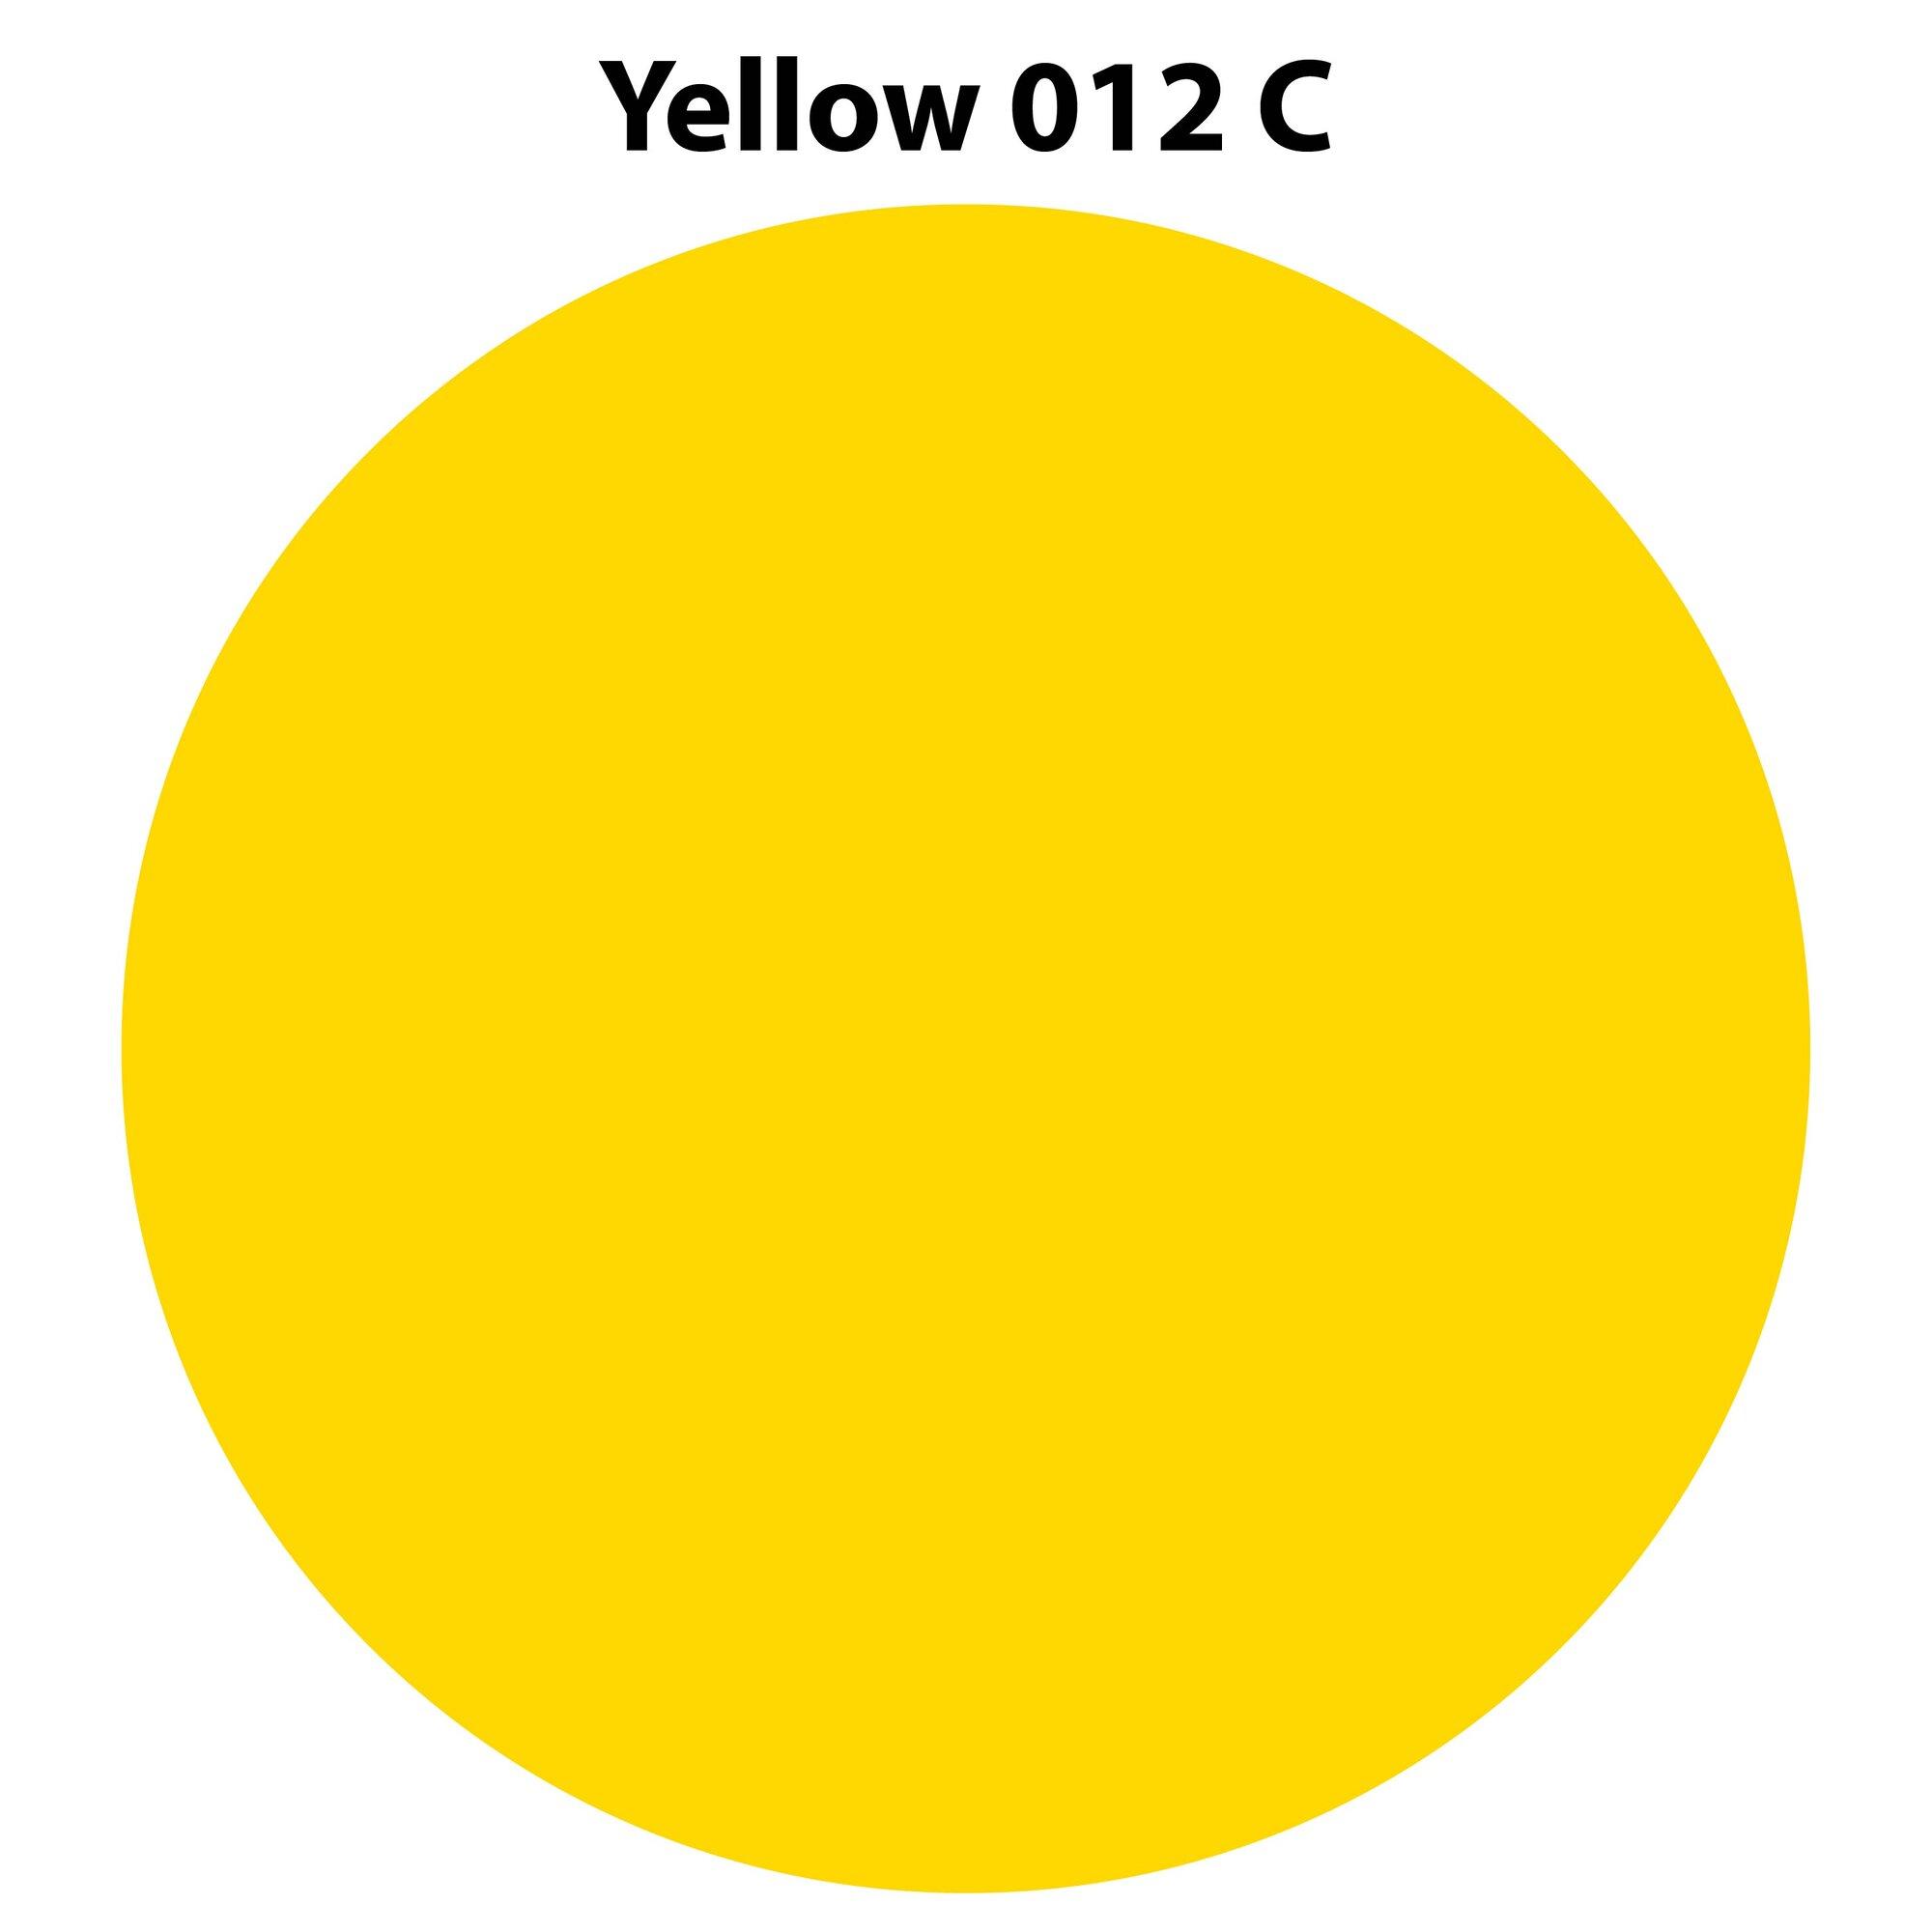 Yellow 012 C